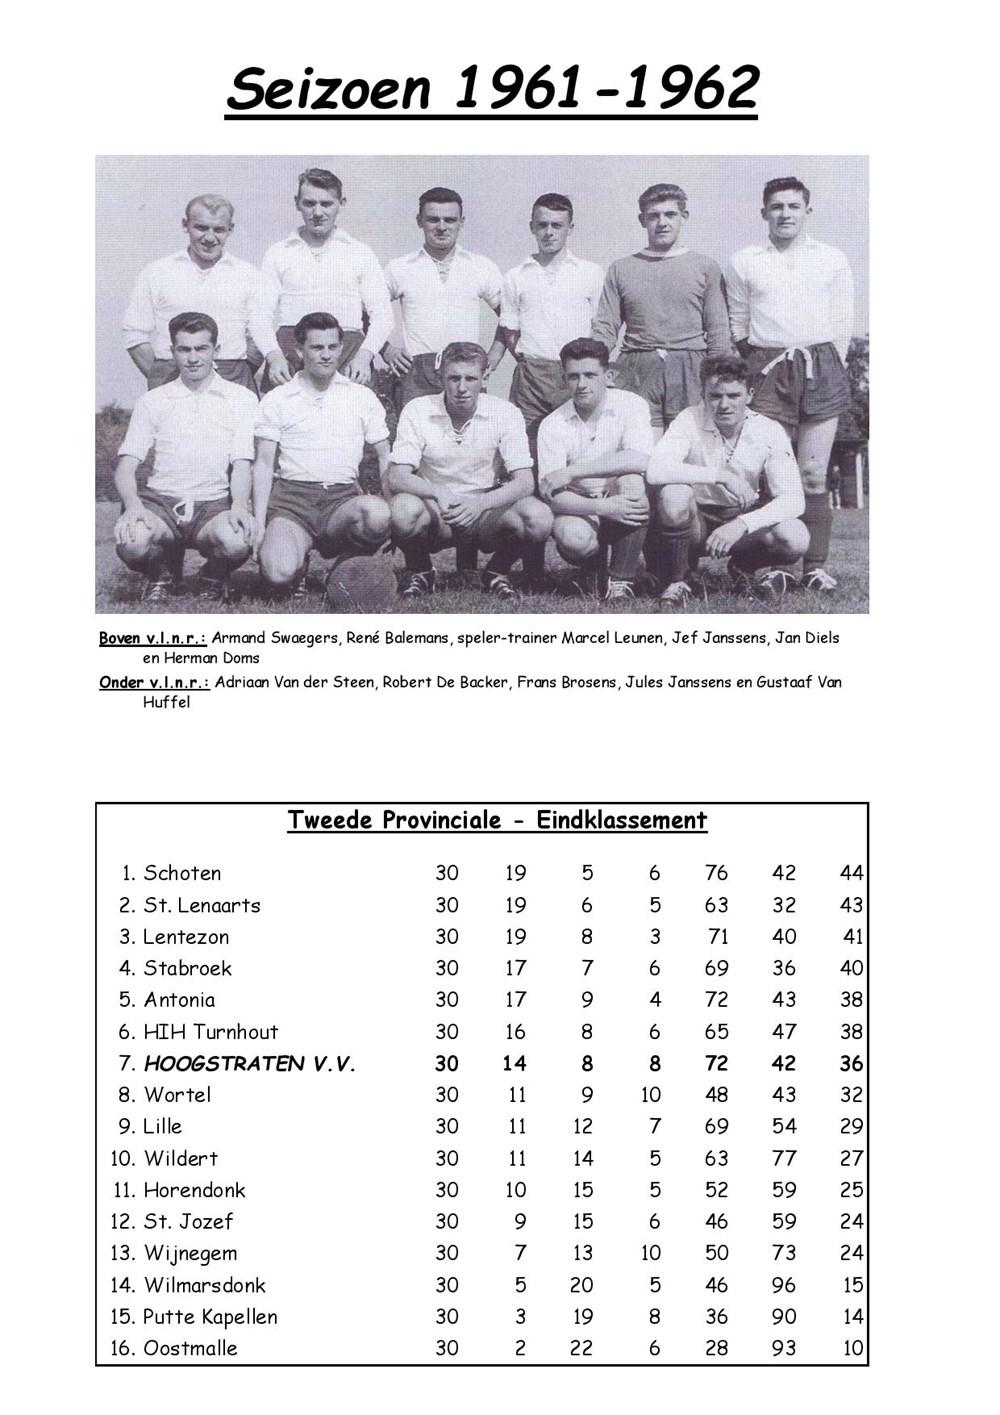 seizoen_1961-1962-page-001.jpg